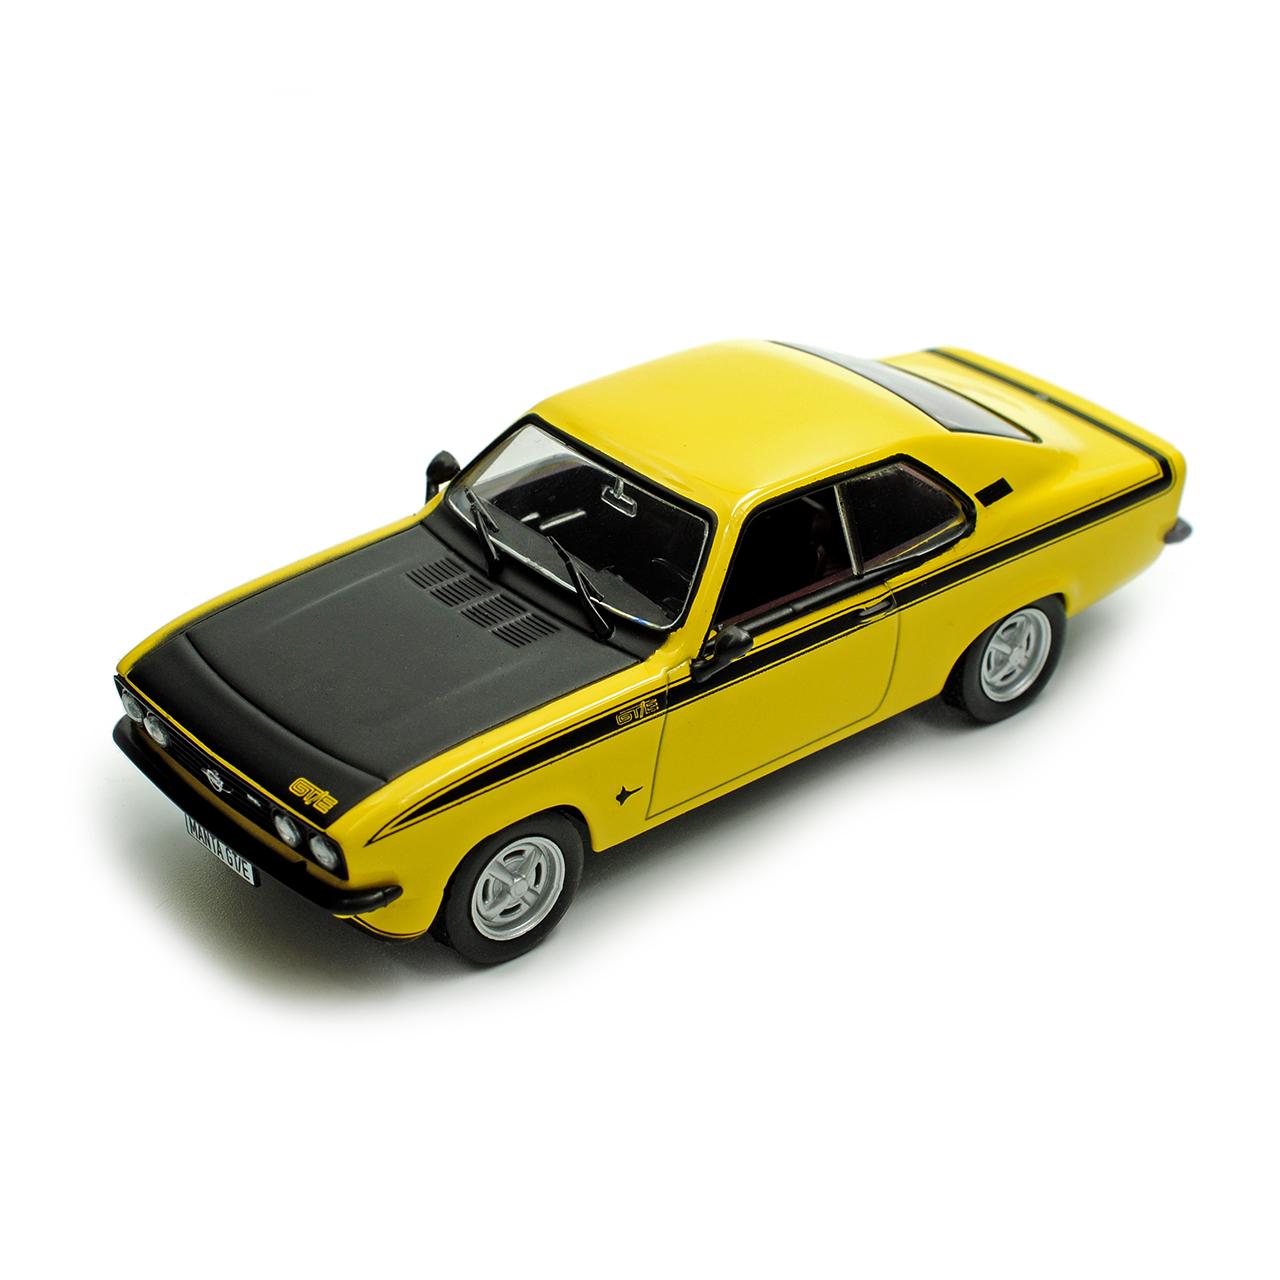 Opel Manta A GT//E Coupe Gelb Schwarz 1974-1975 Nr 101 1//43 Ixo Modell Auto mit..